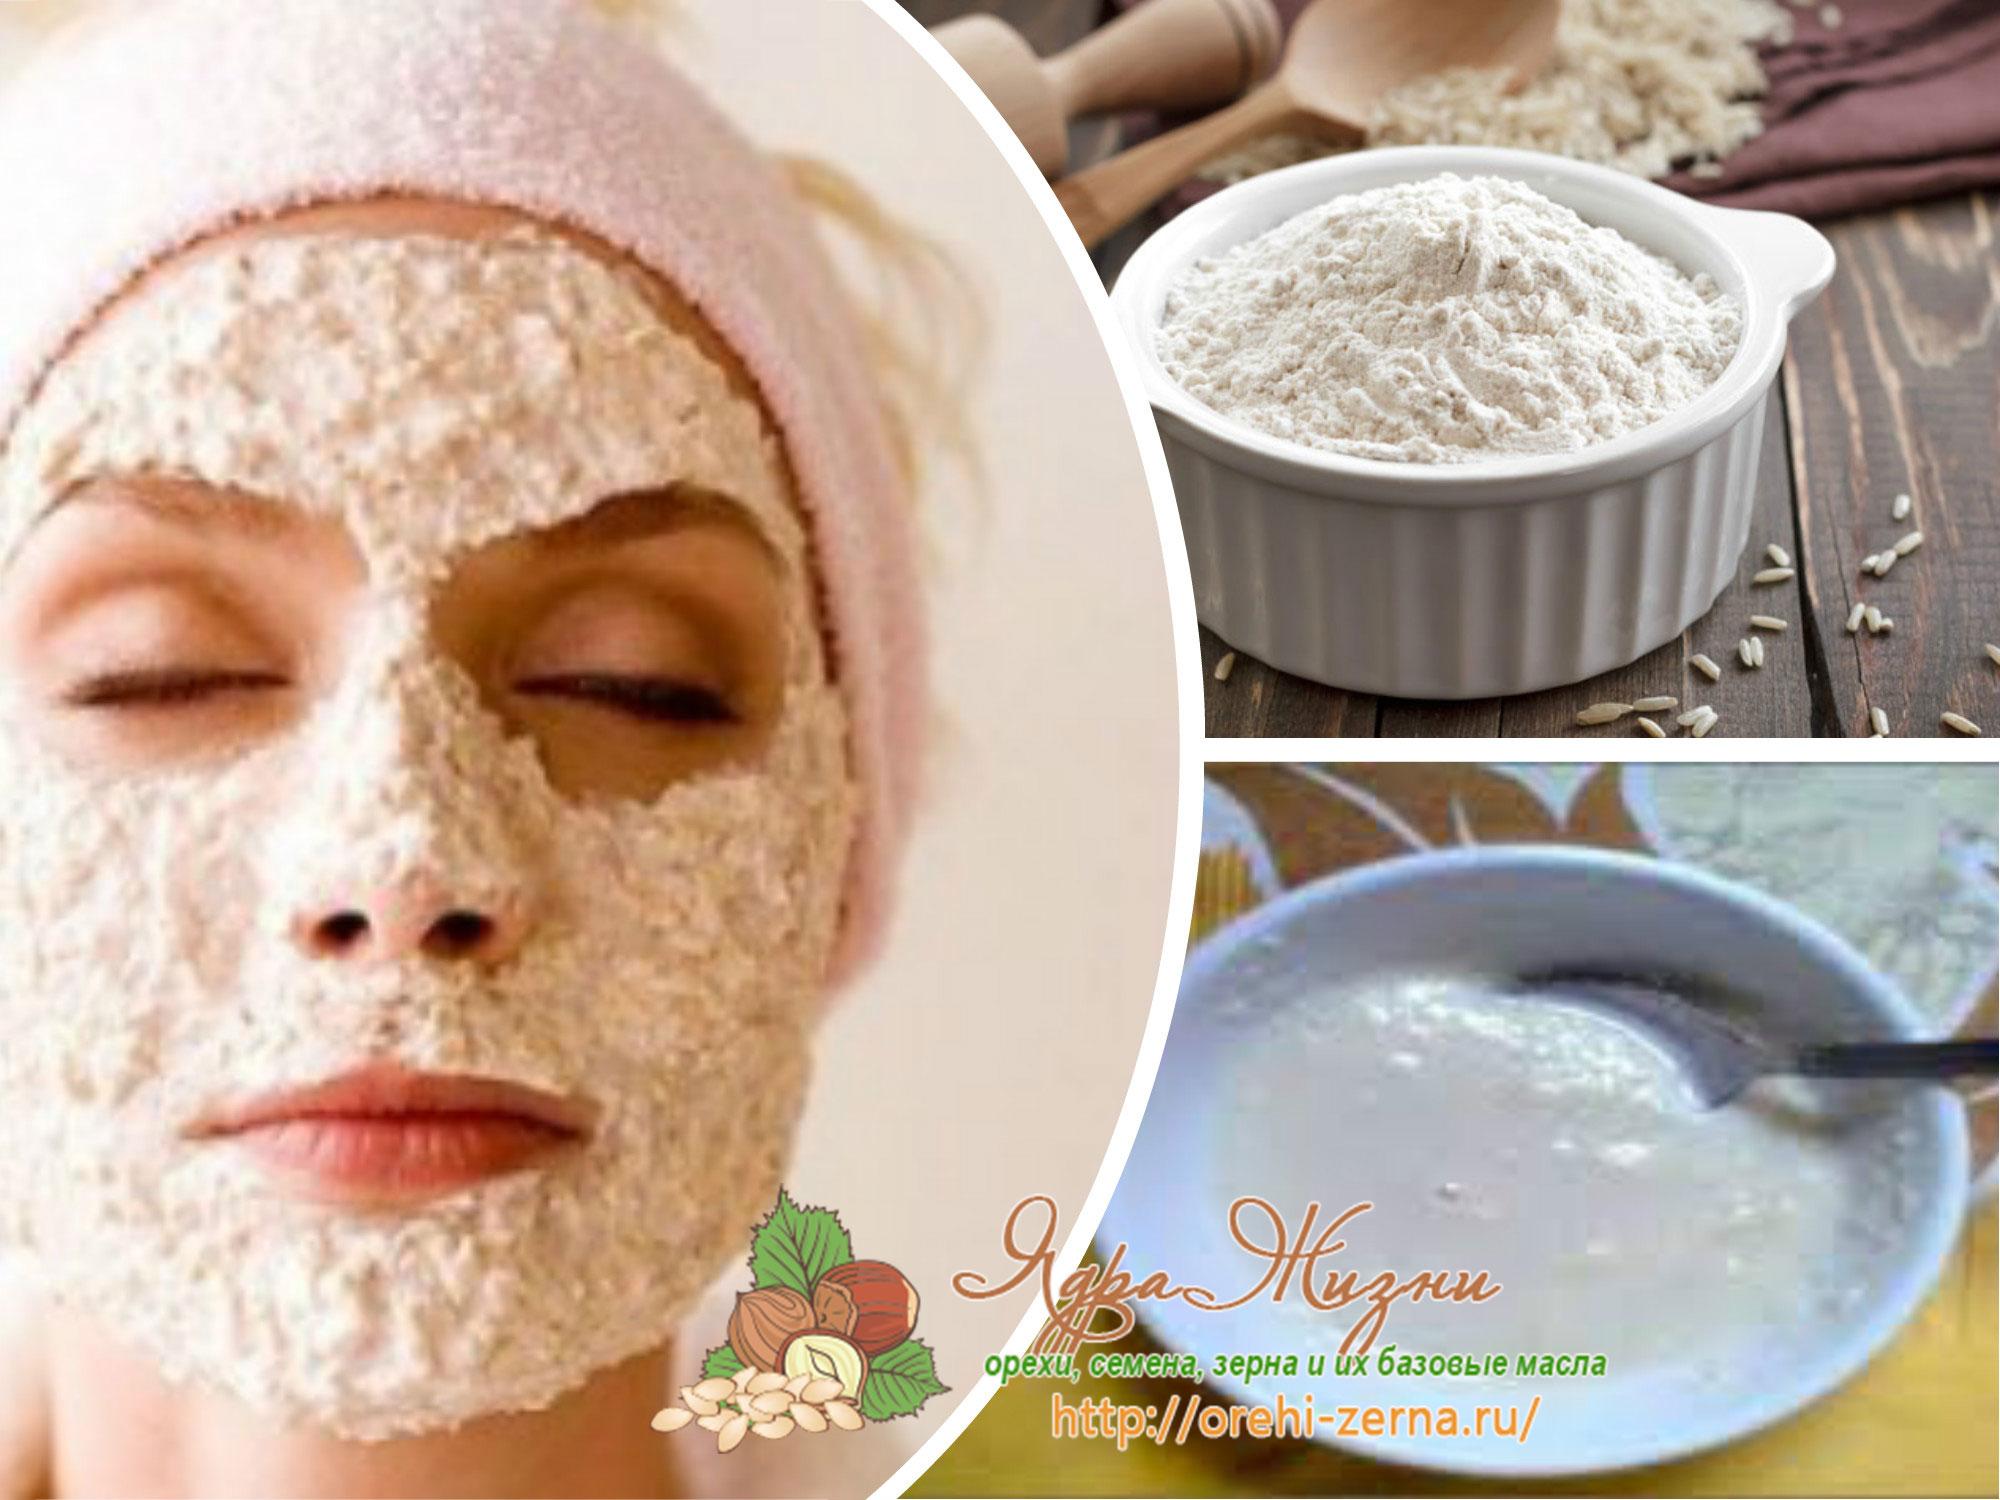 маска для лица из рисовой муки